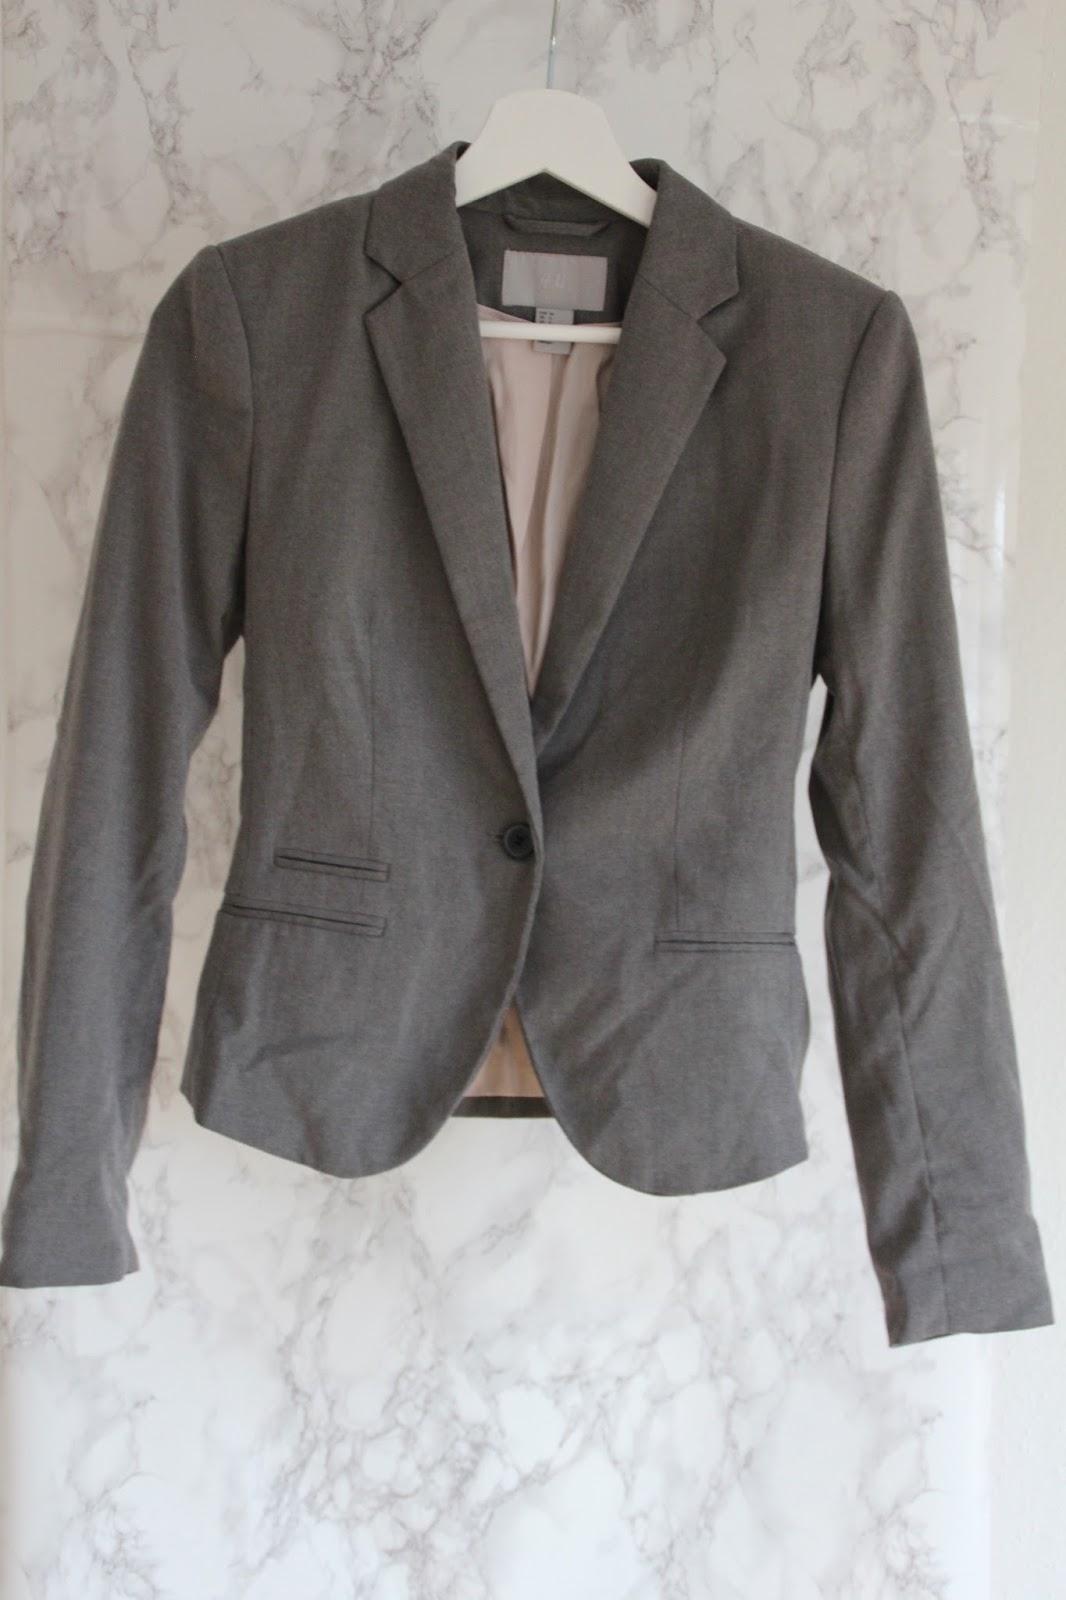 https://www.kleiderkreisel.de/damenmode/blazer-blazer/138976433-grauer-eleganter-blazer-von-hm